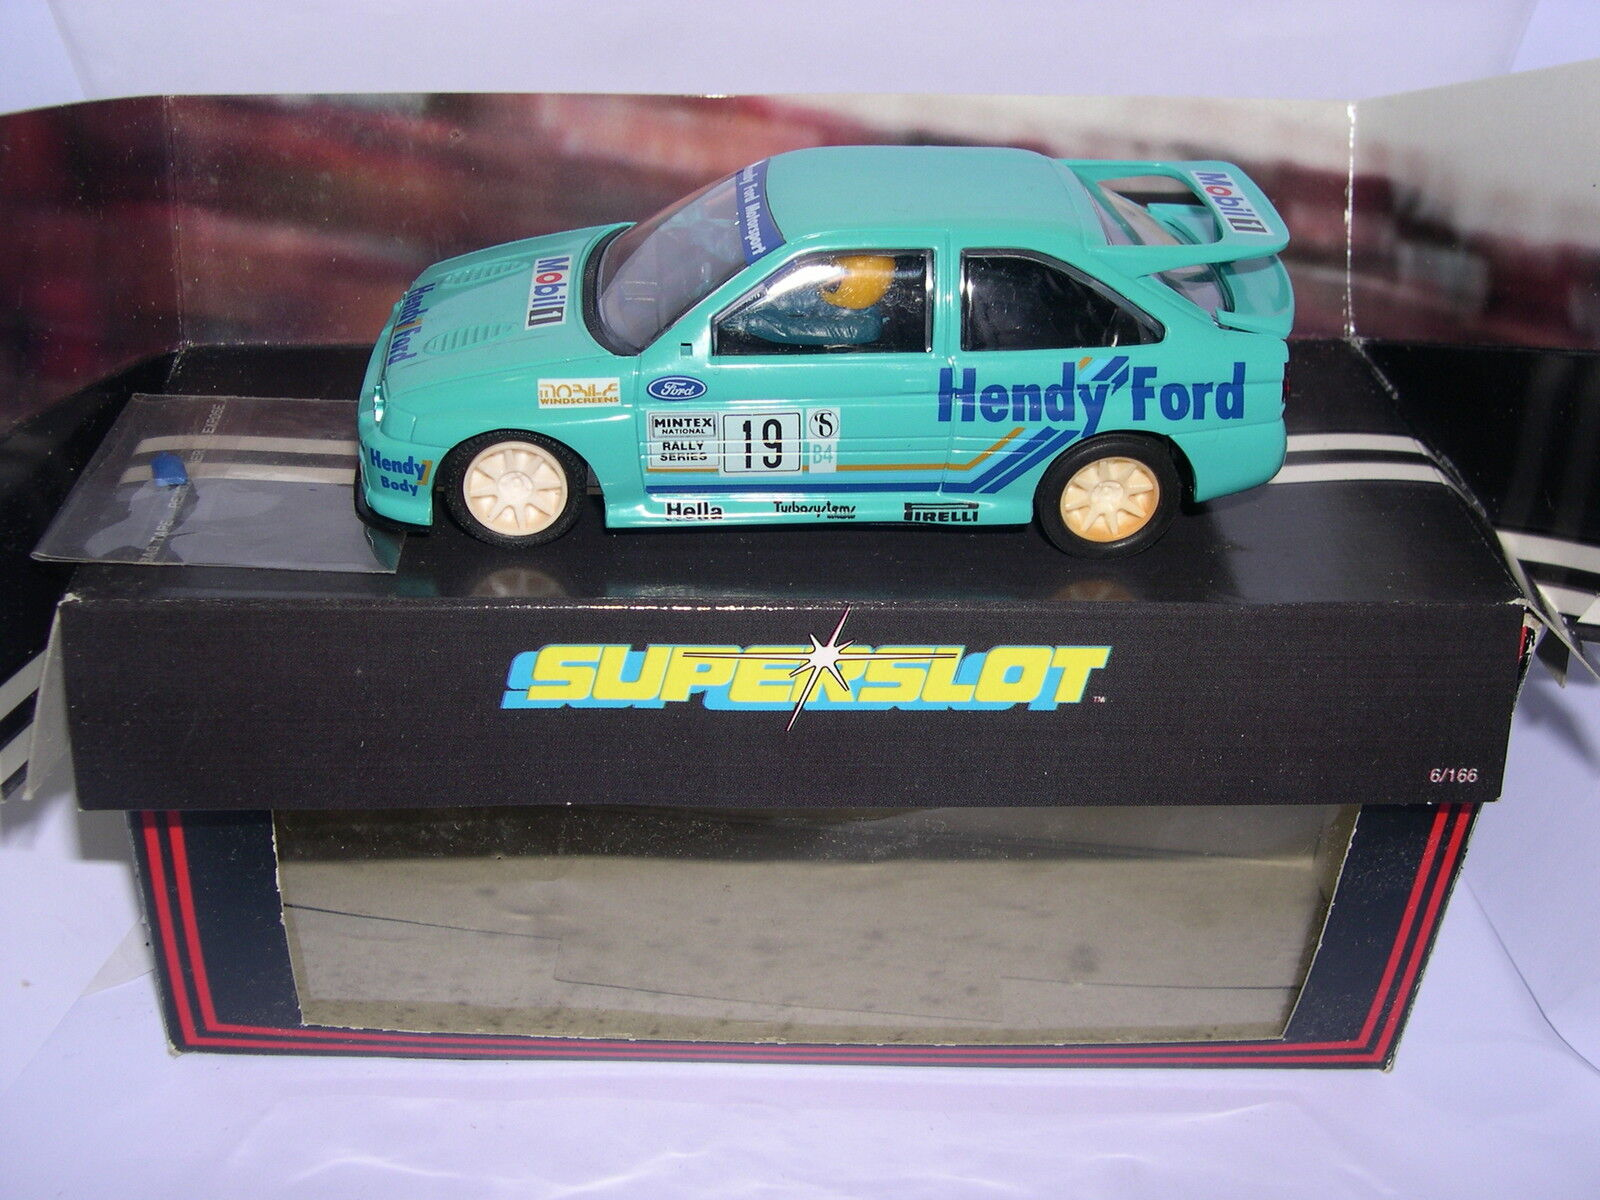 Superslot H403 Ford  Escort Cosworth  19 Hendy Scalextric UK MB  al prezzo più basso